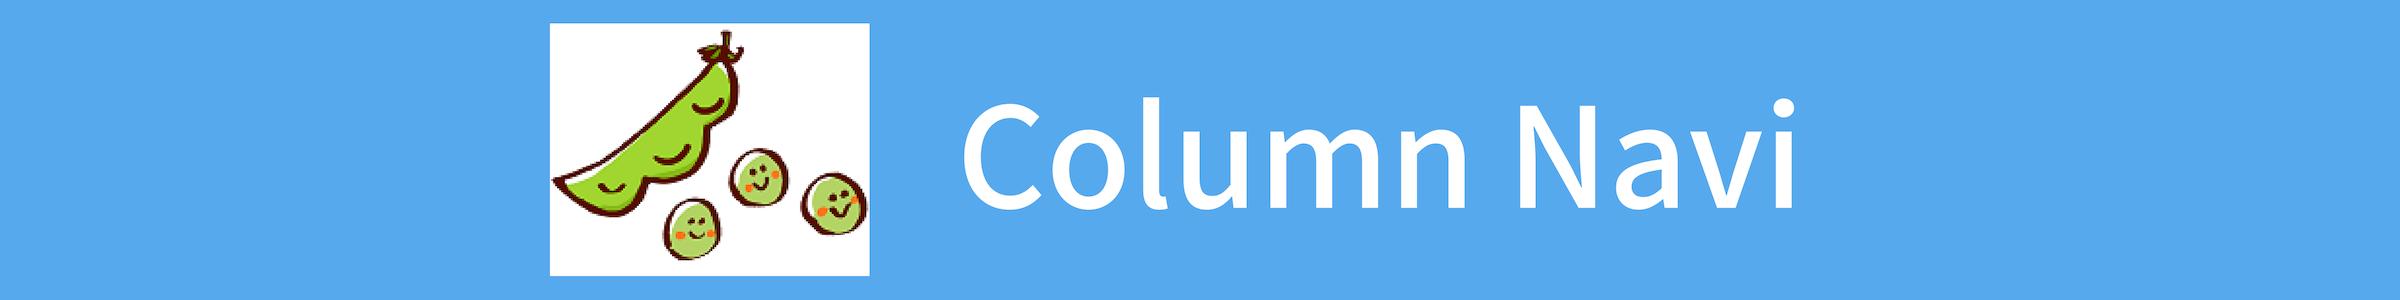 Column Navi